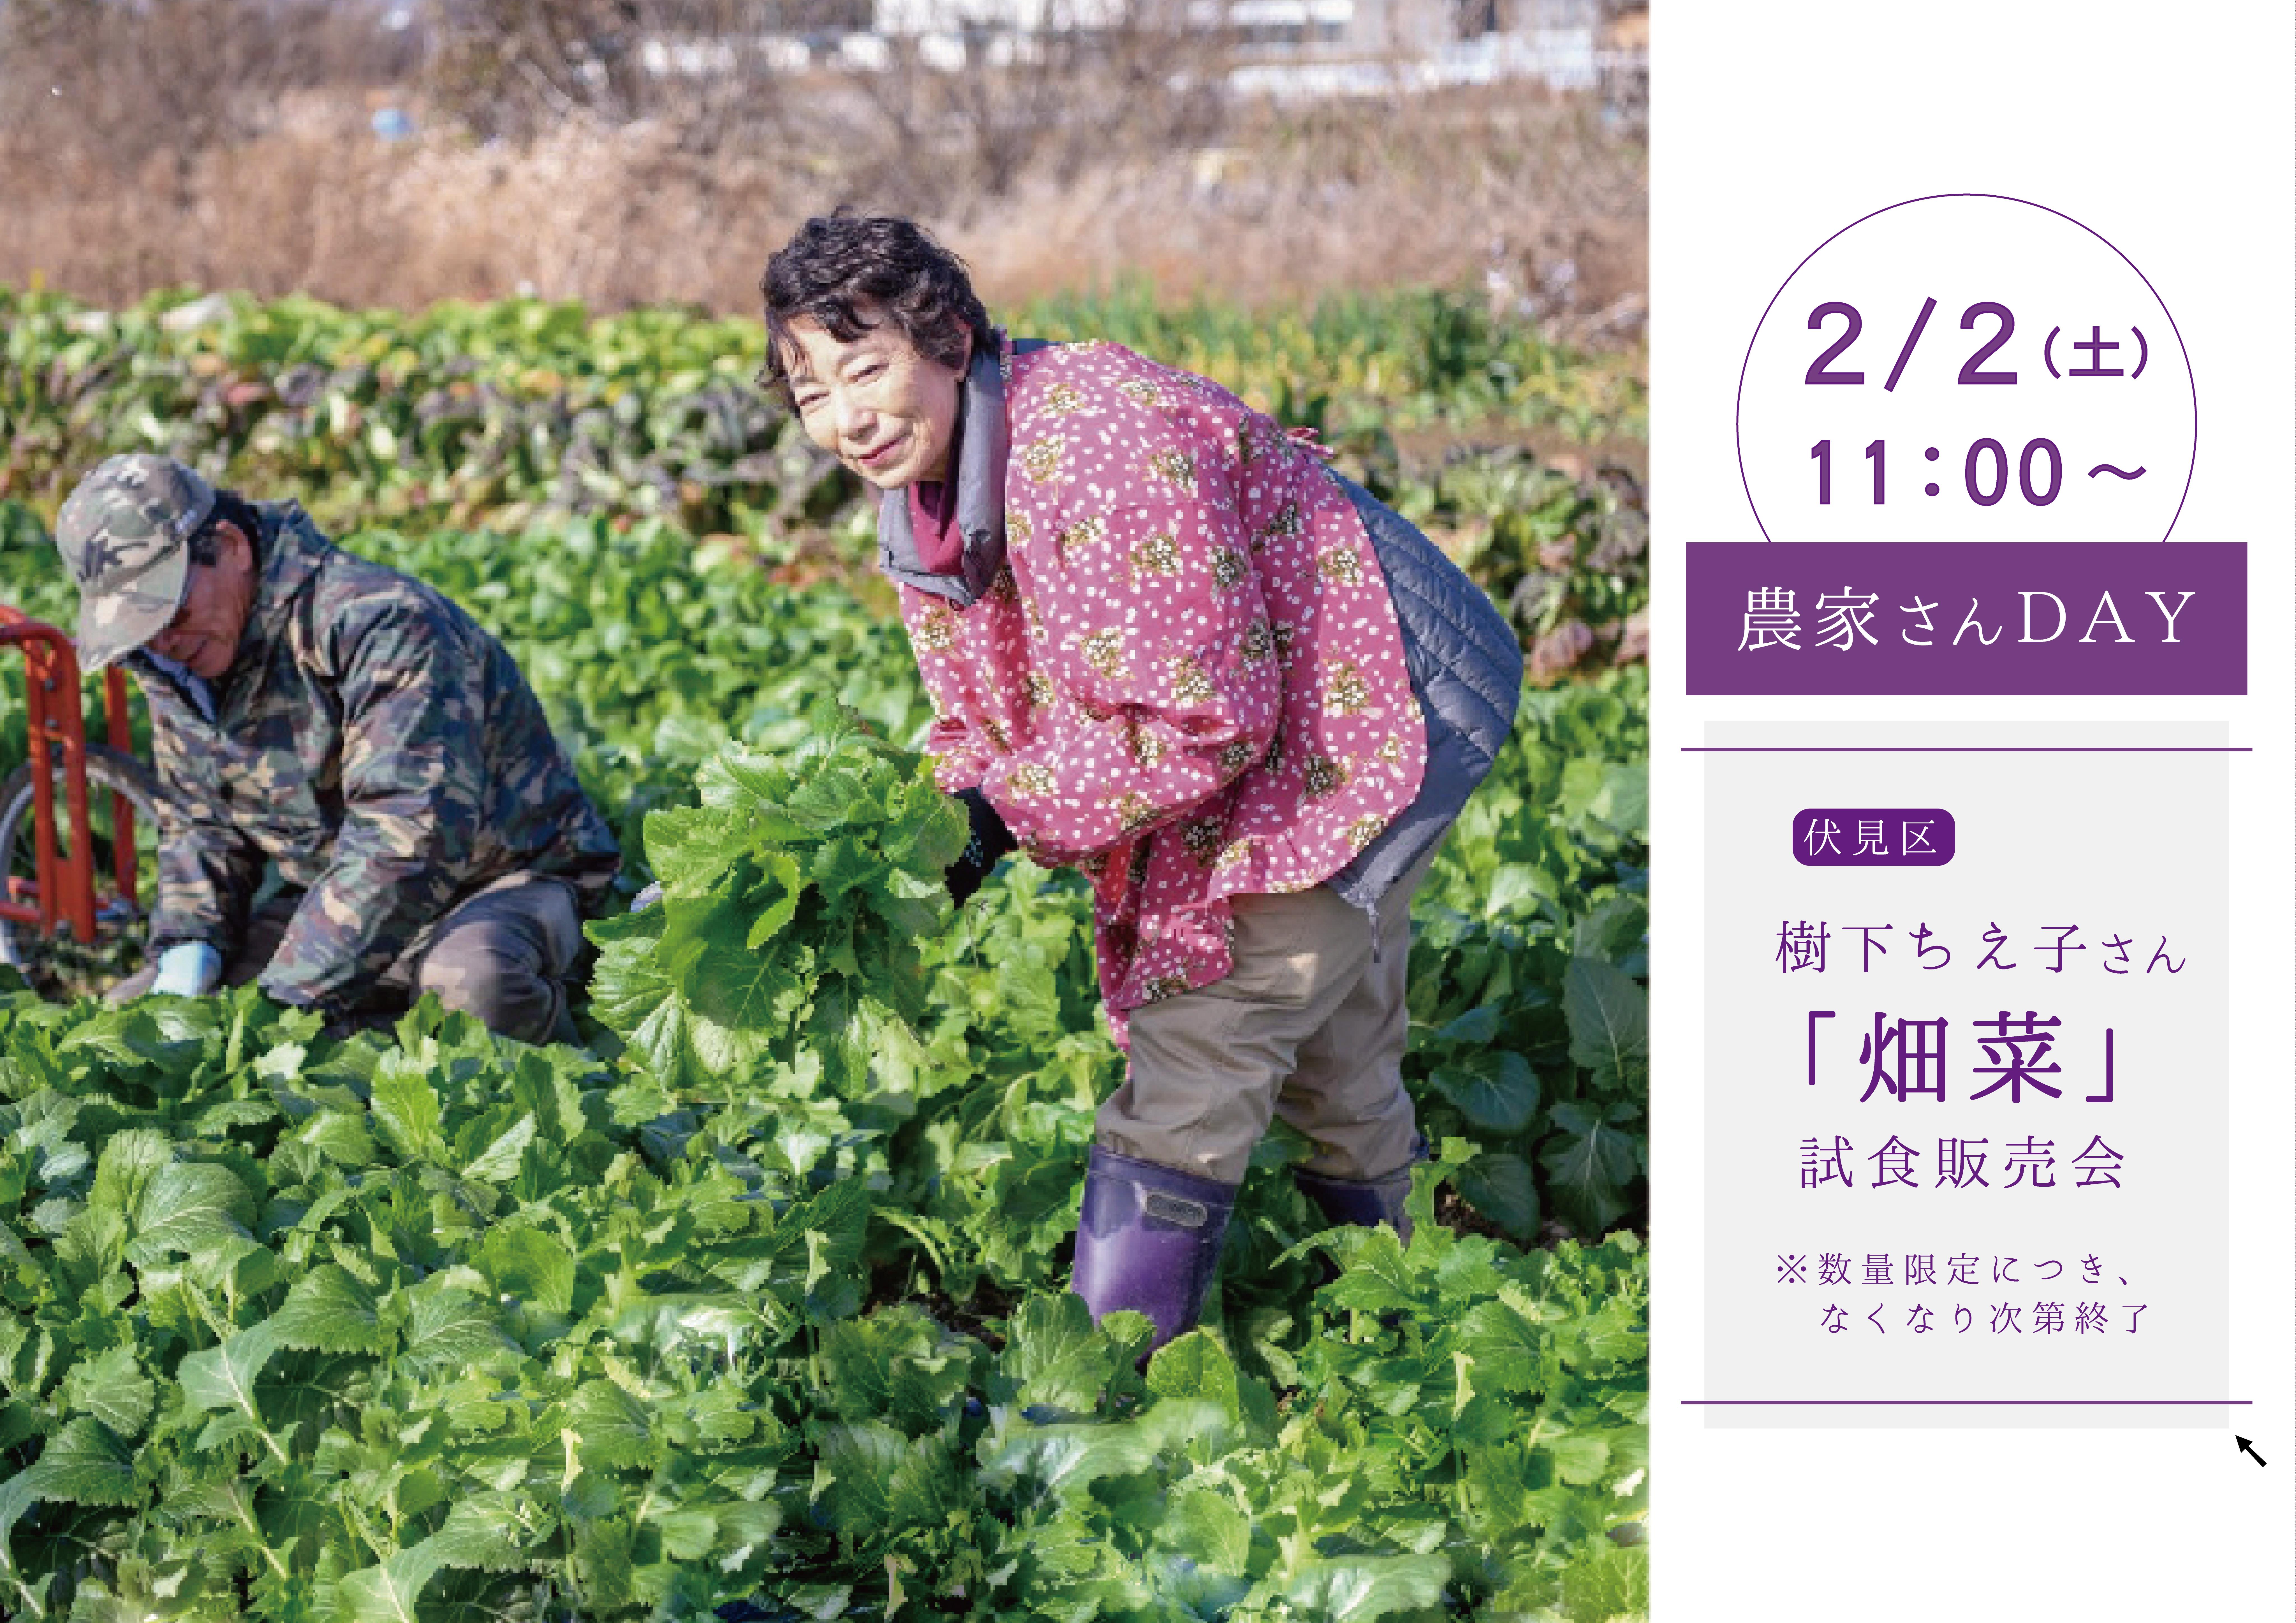 初午の日「農家さんDAY」2組同時開催!